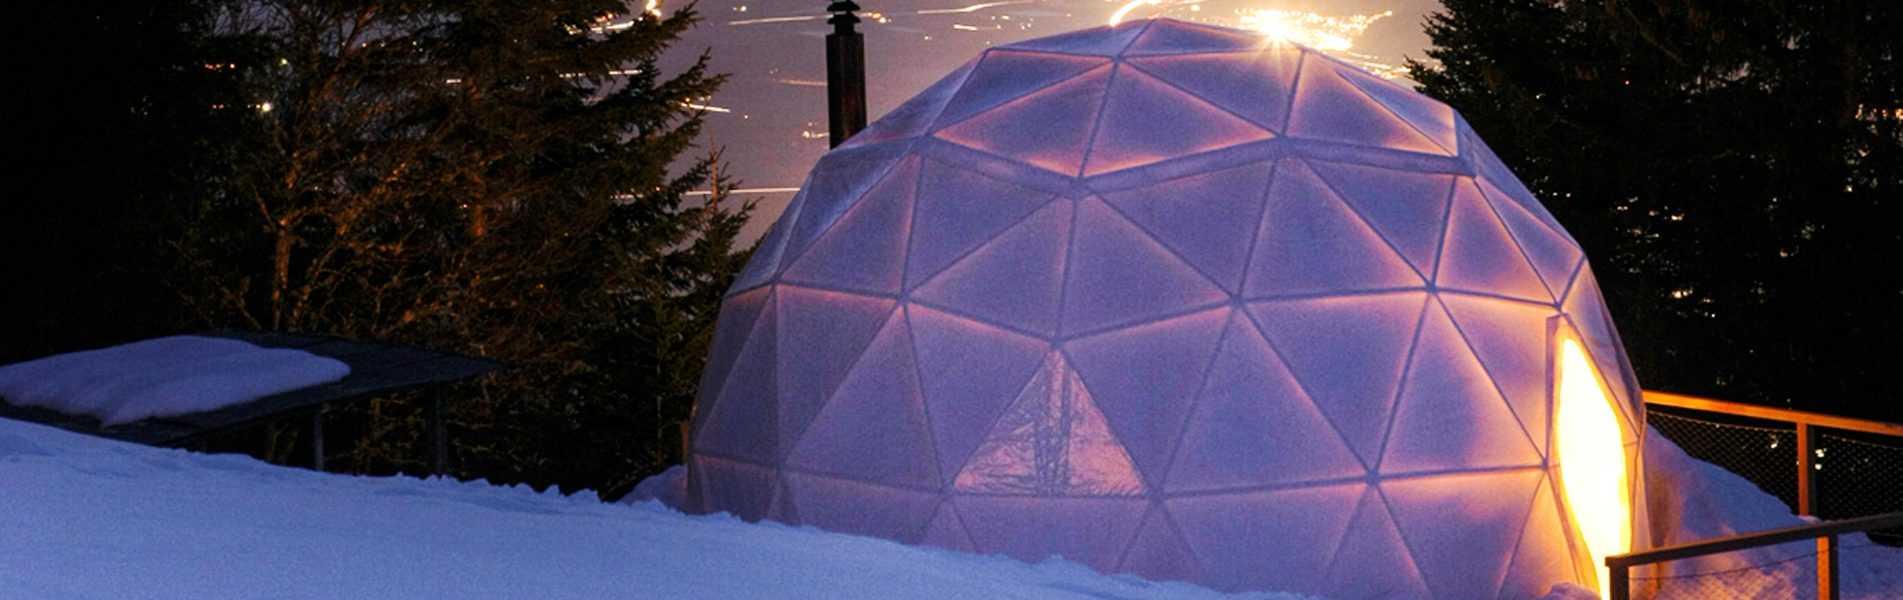 Dome home in Swizterland